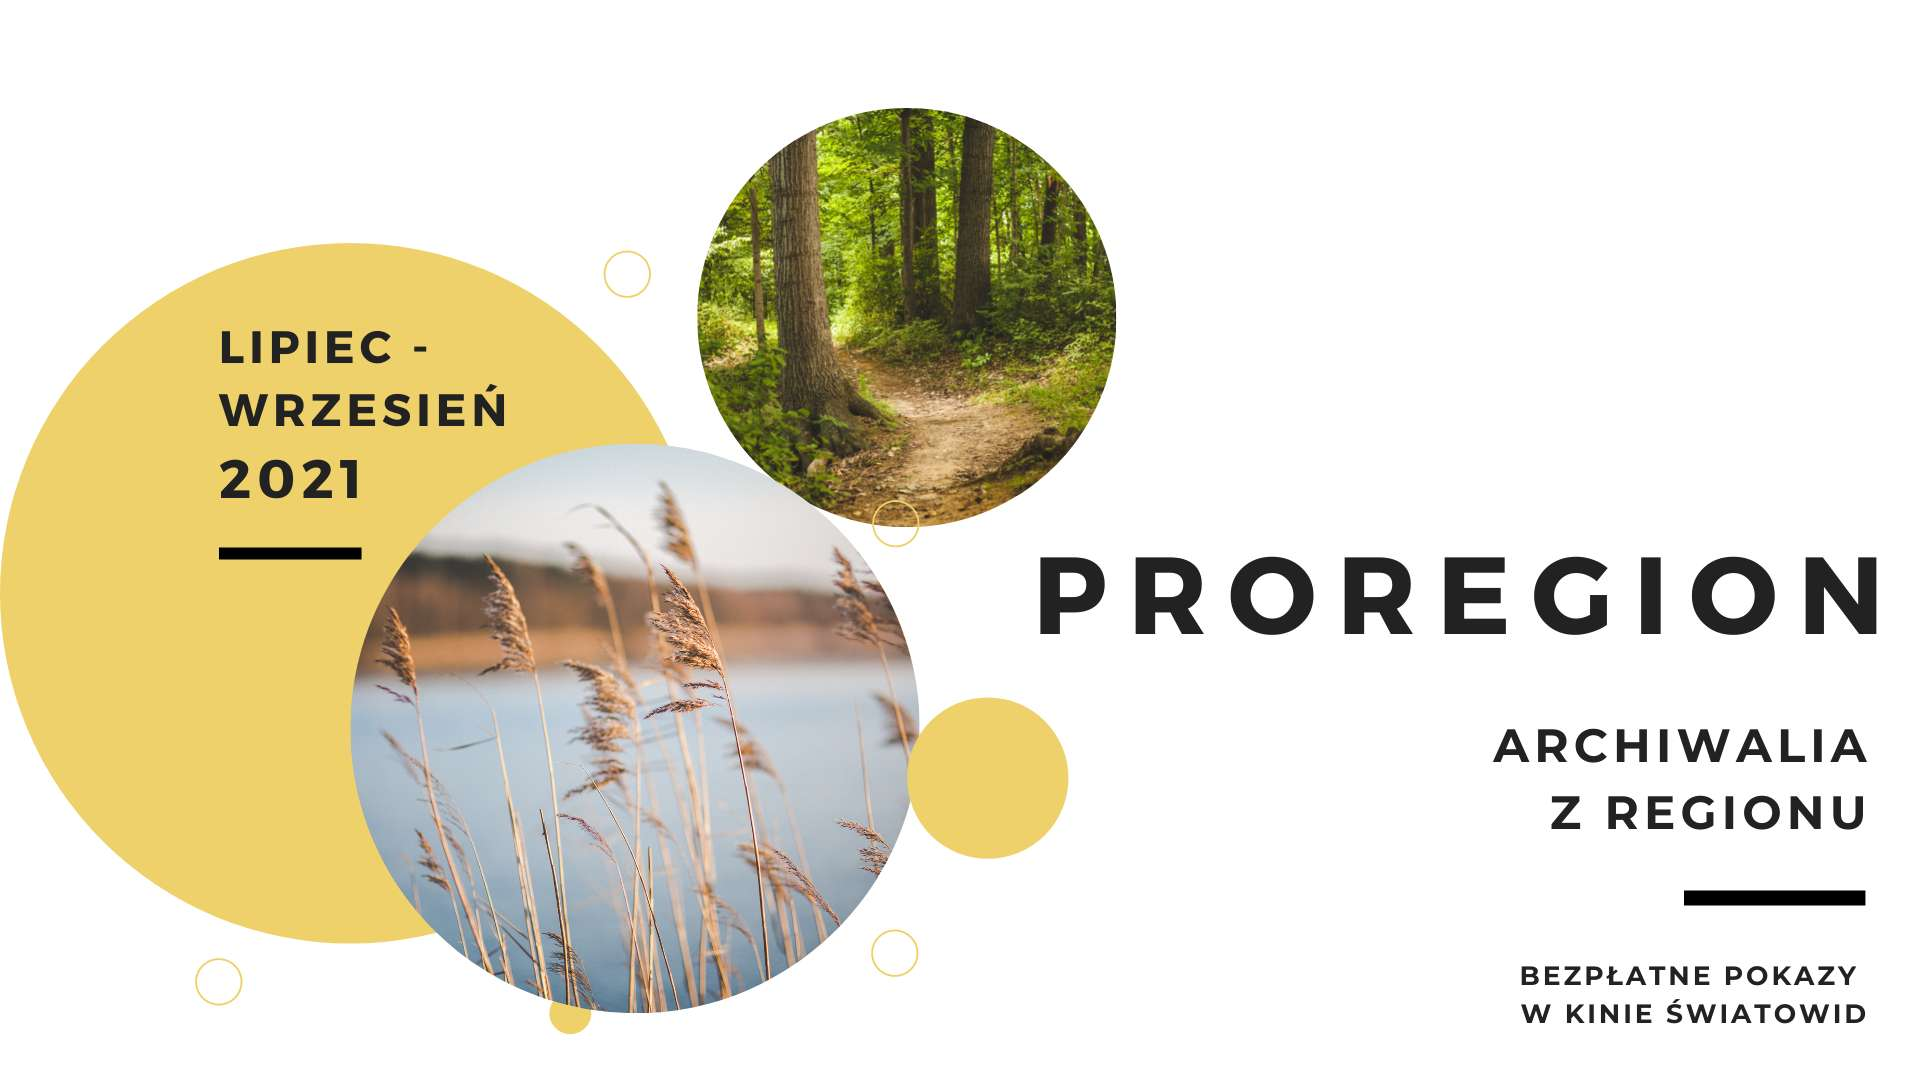 Proregion - archiwalia z regionu